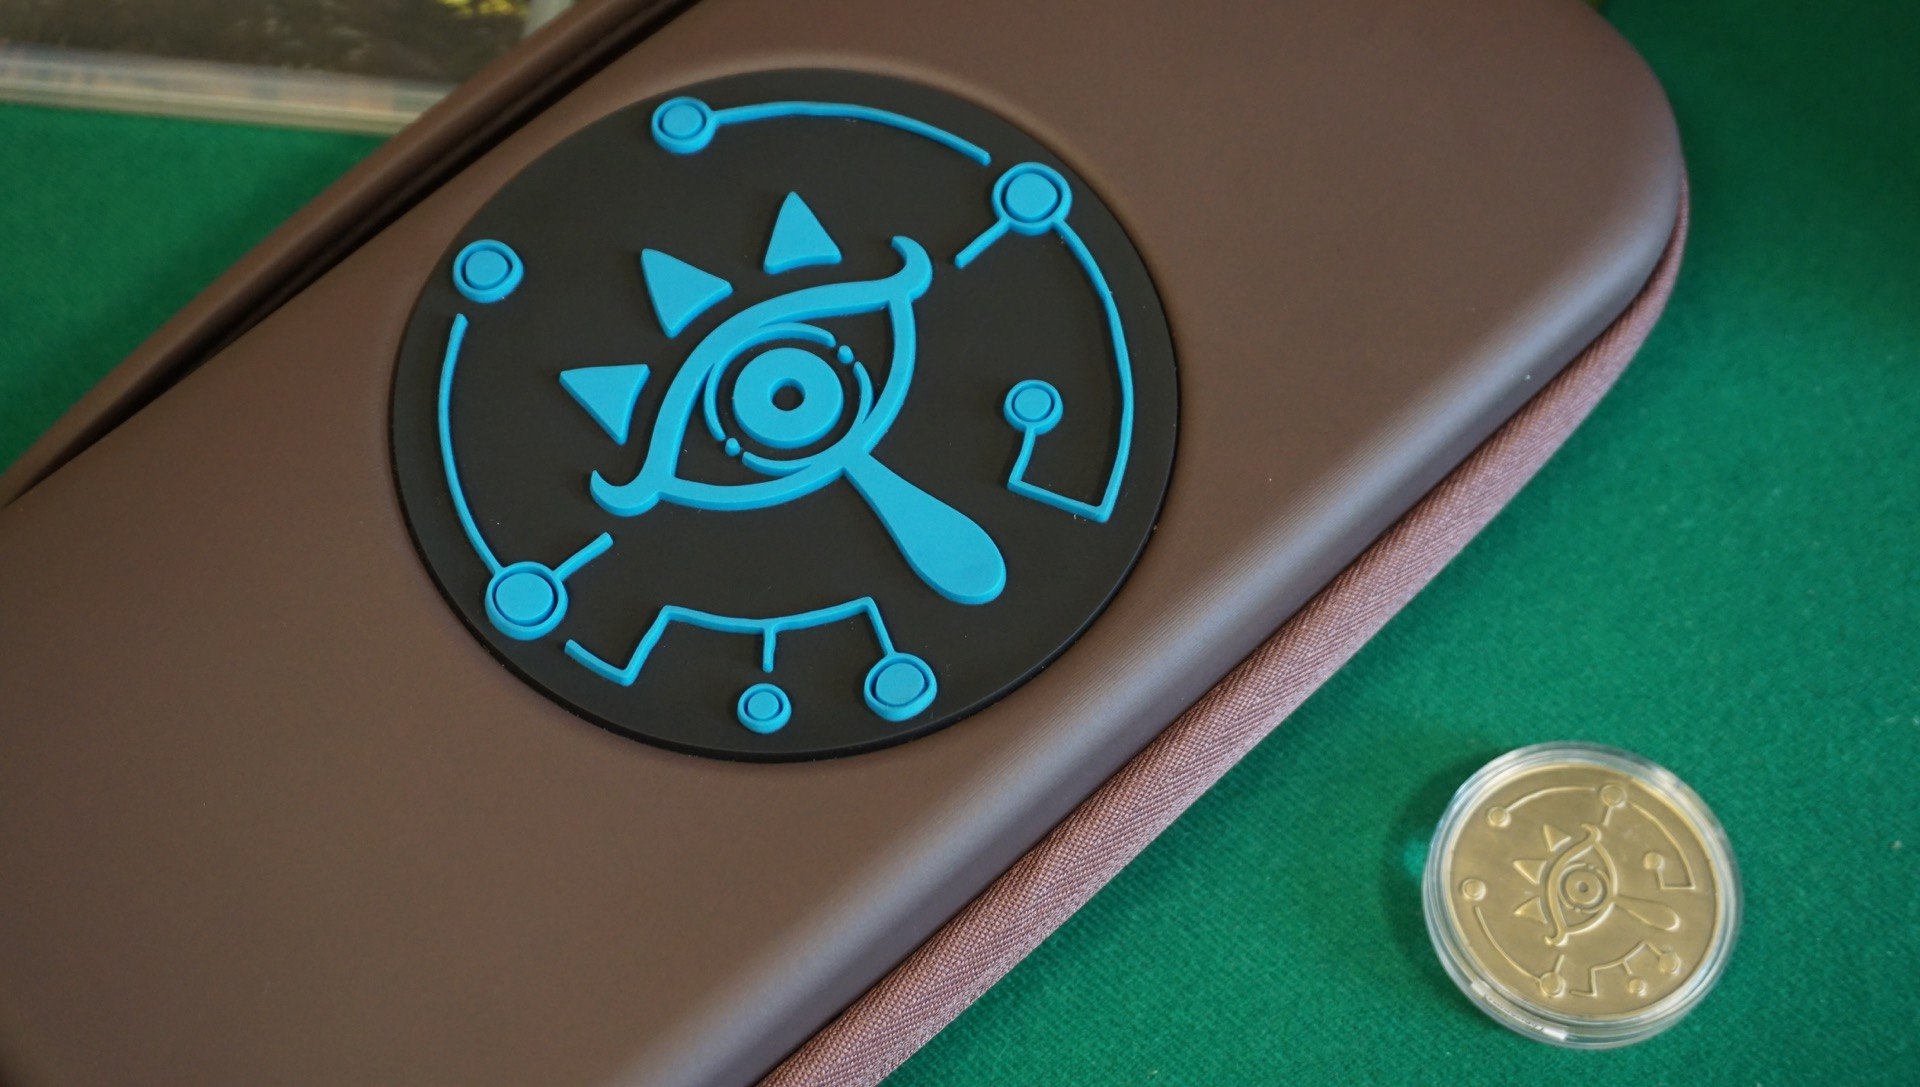 Zelda amiibo unboxing master edition30